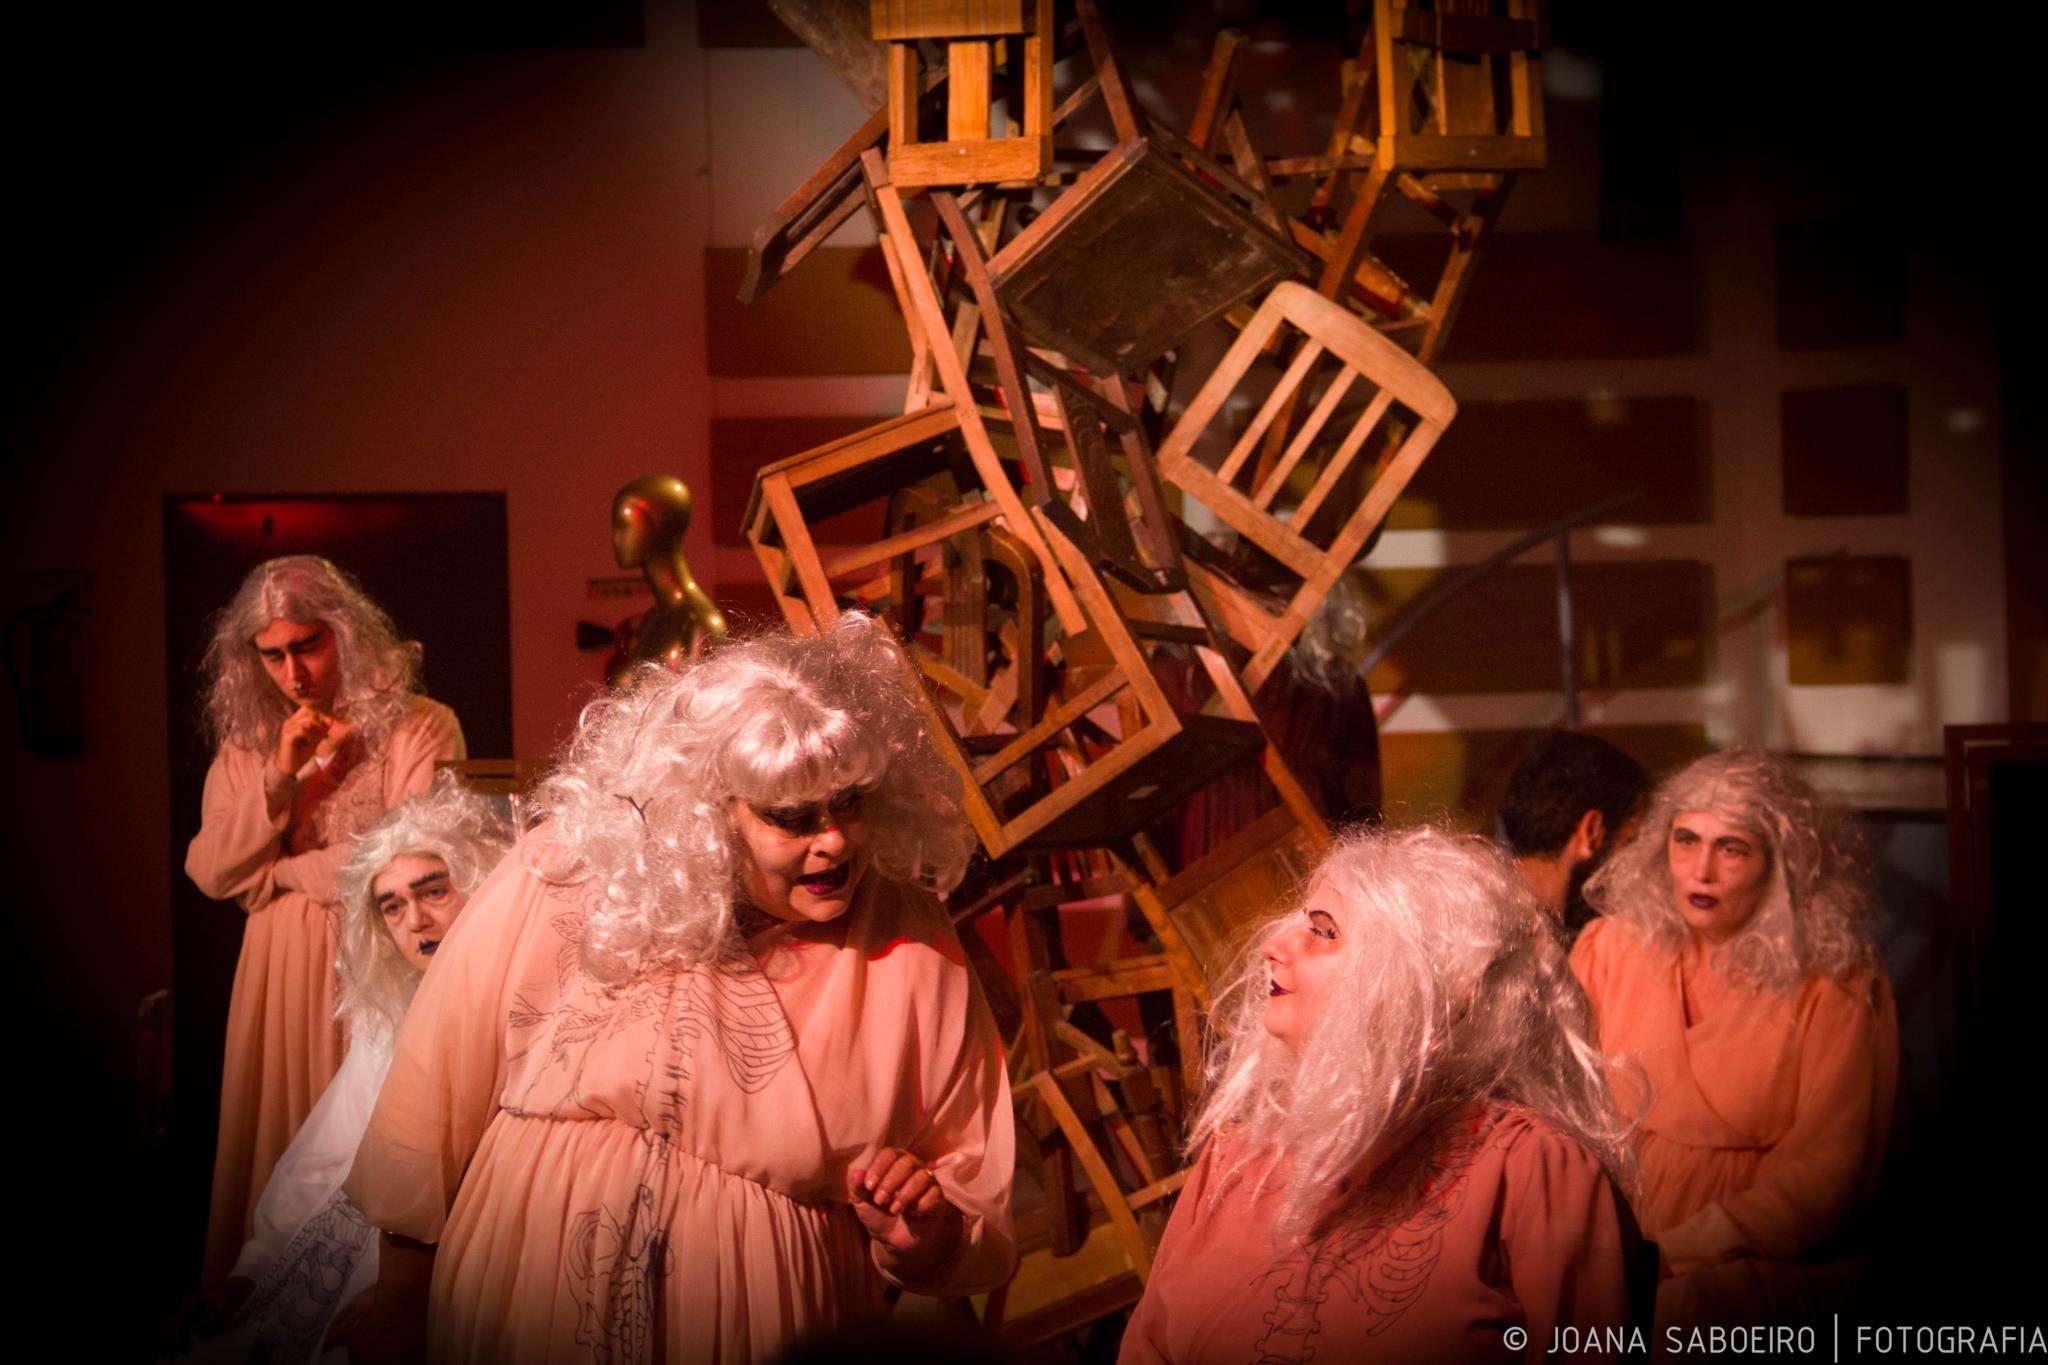 PÚBLICO - No Júlio de Matos, um teatro para acalmar a dor e reorganizar a vida